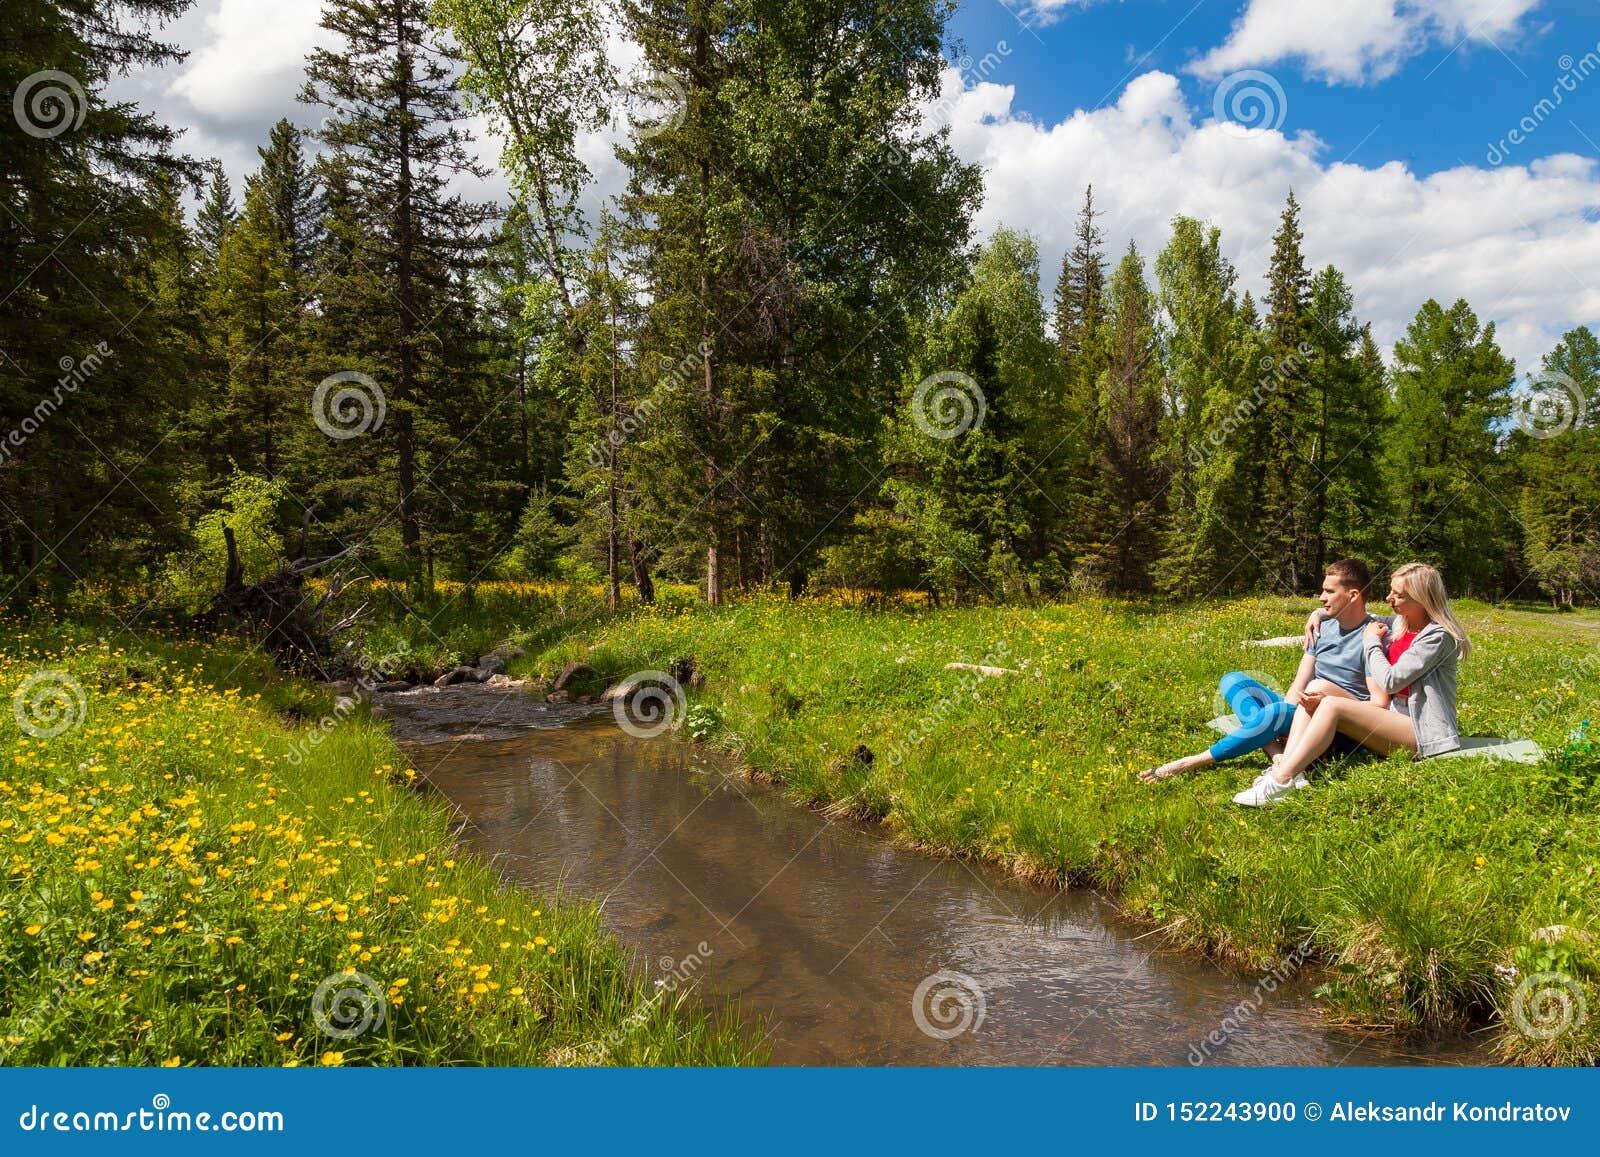 Een picknick op de bank van een bergrivier met groen gras en gele bloemen tegen de achtergrond van naaldbomen en een blauw